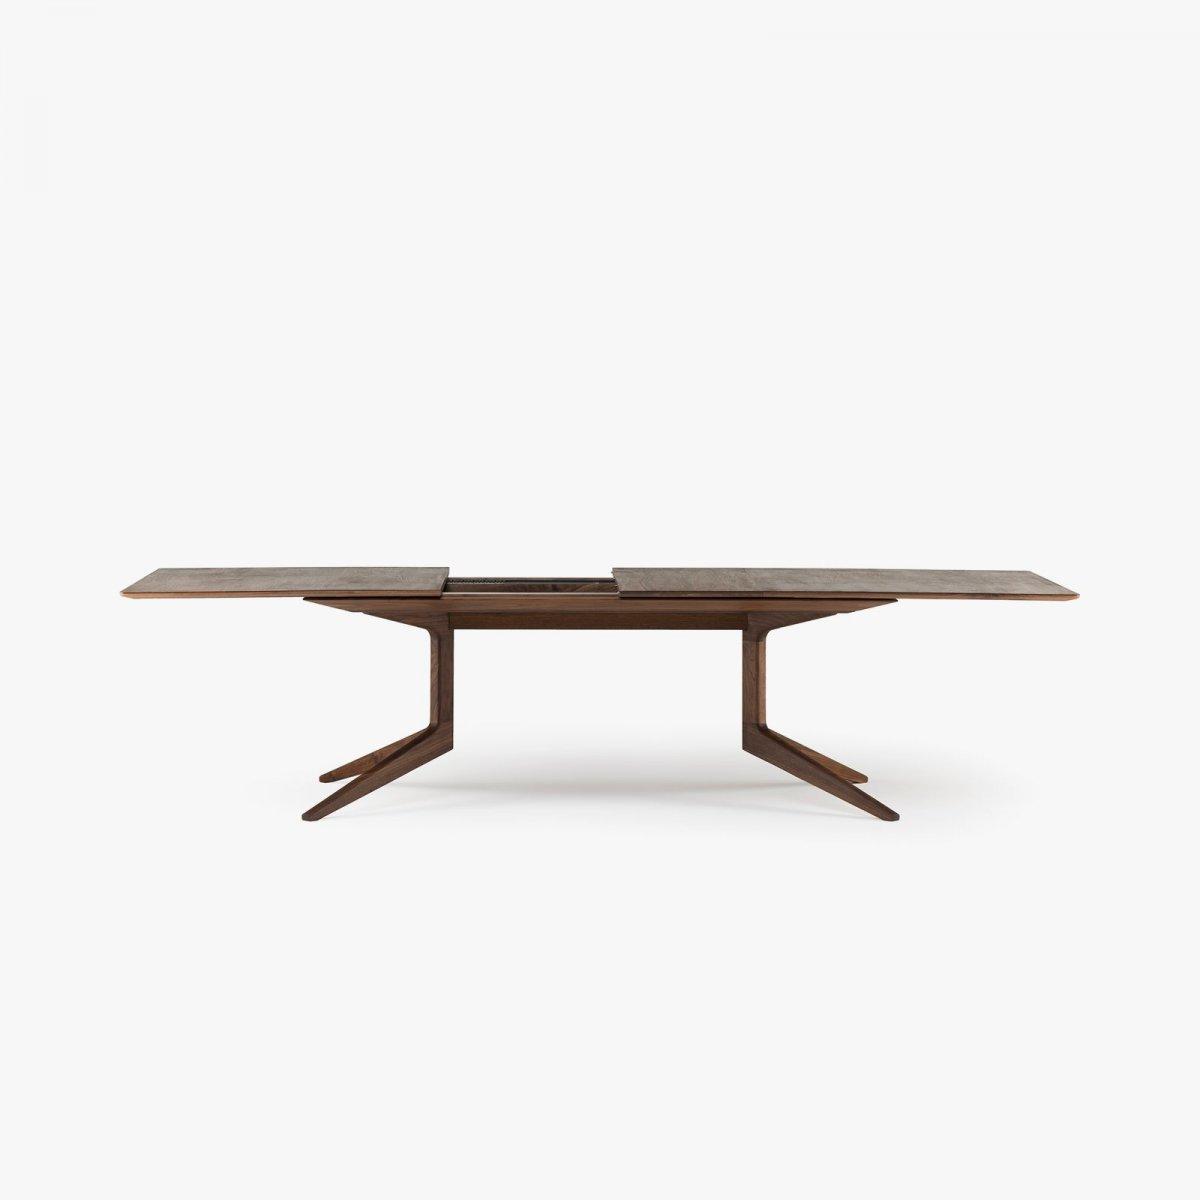 341E Light Extending Table in Danish oiled walnut, opened.